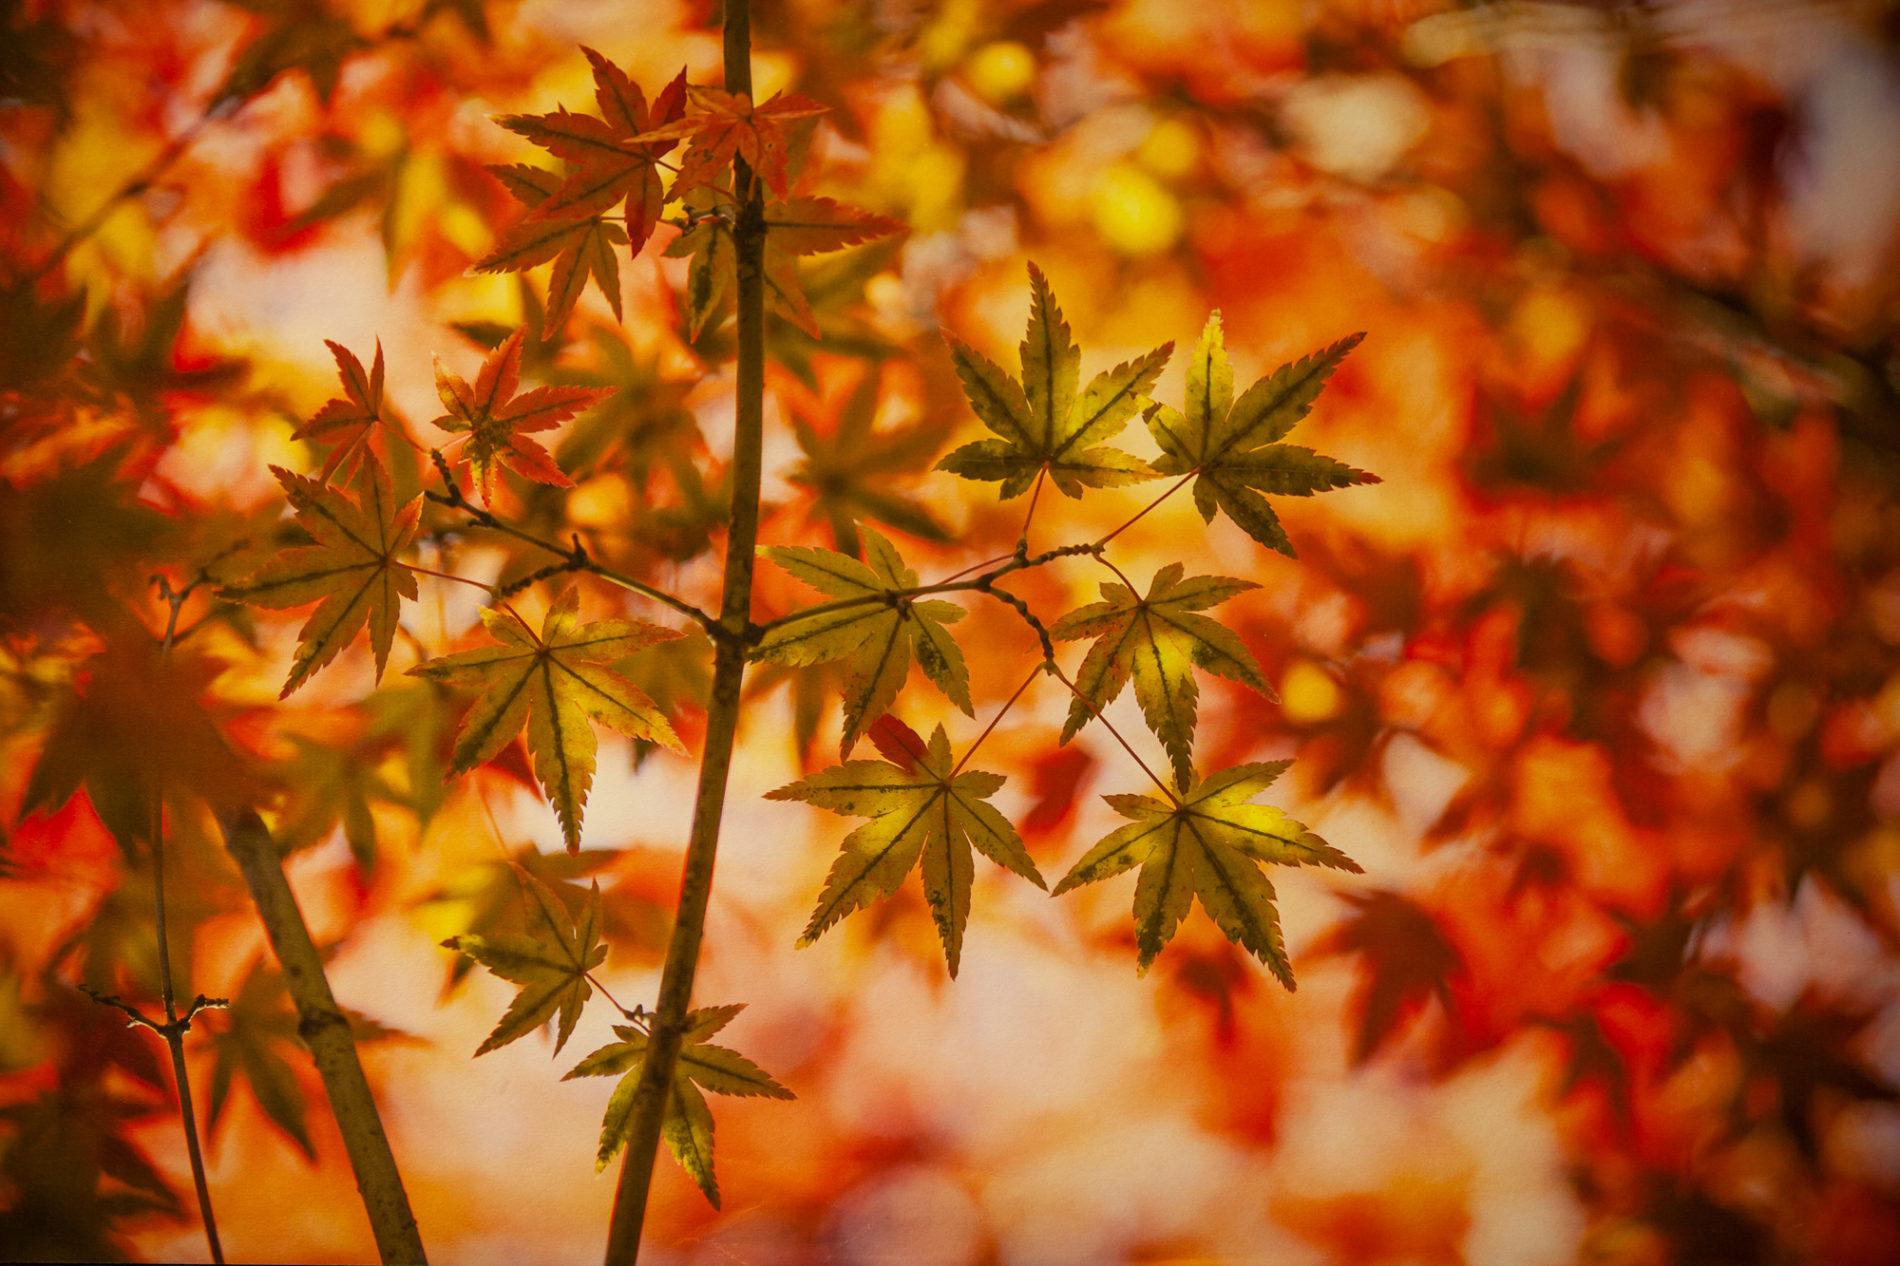 紅葉,楓(カエデ),秋のイメージ 赤